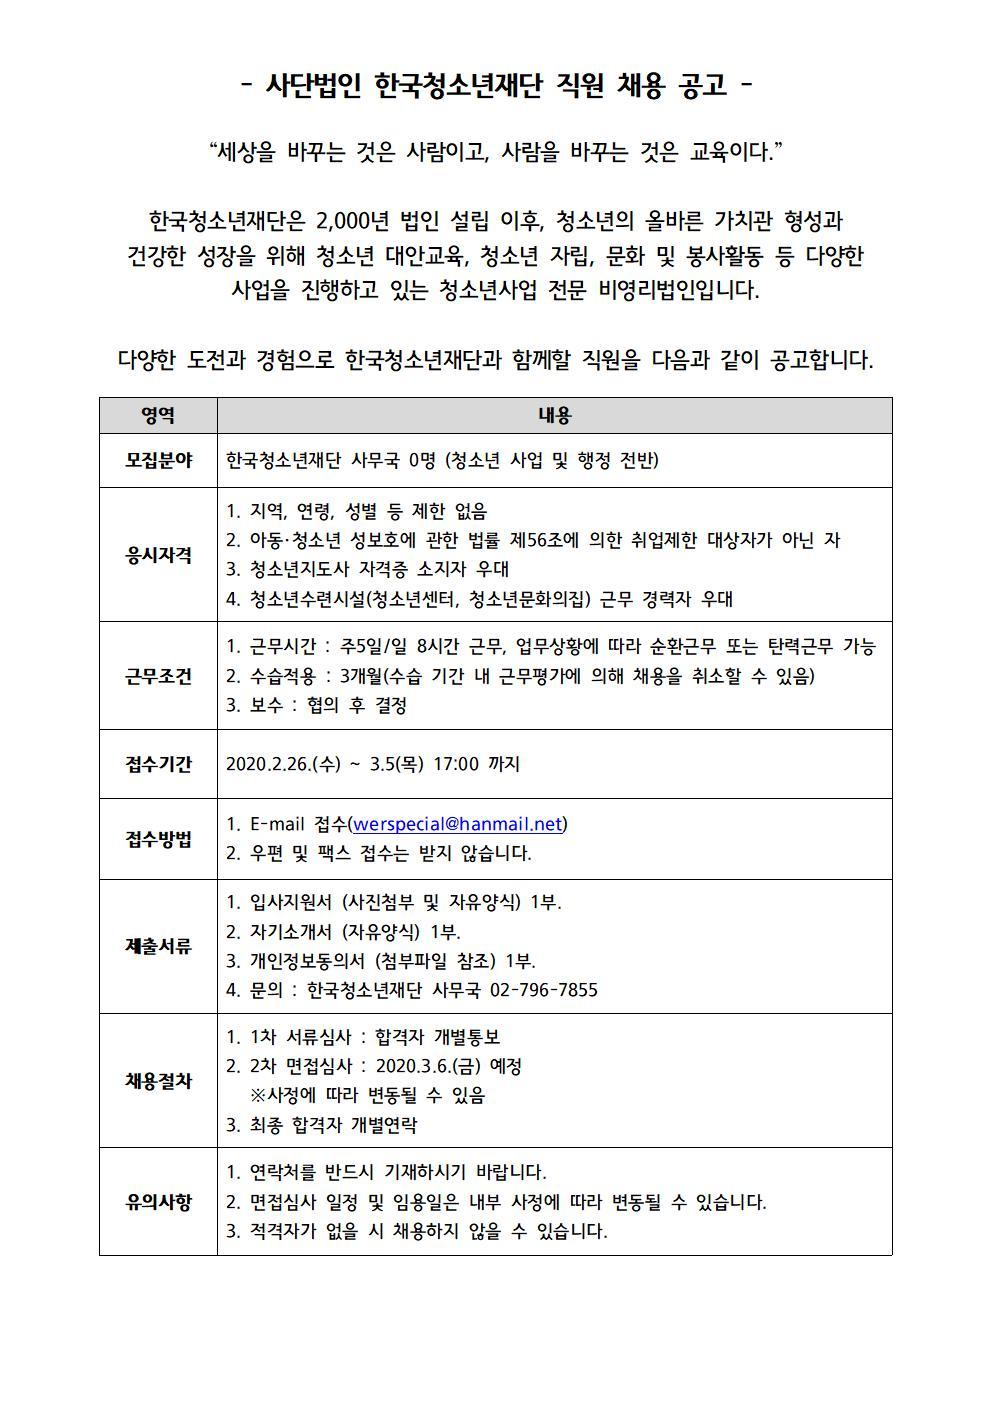 사단법인 한국청소년재단 직원 채용 공고 001.jpg